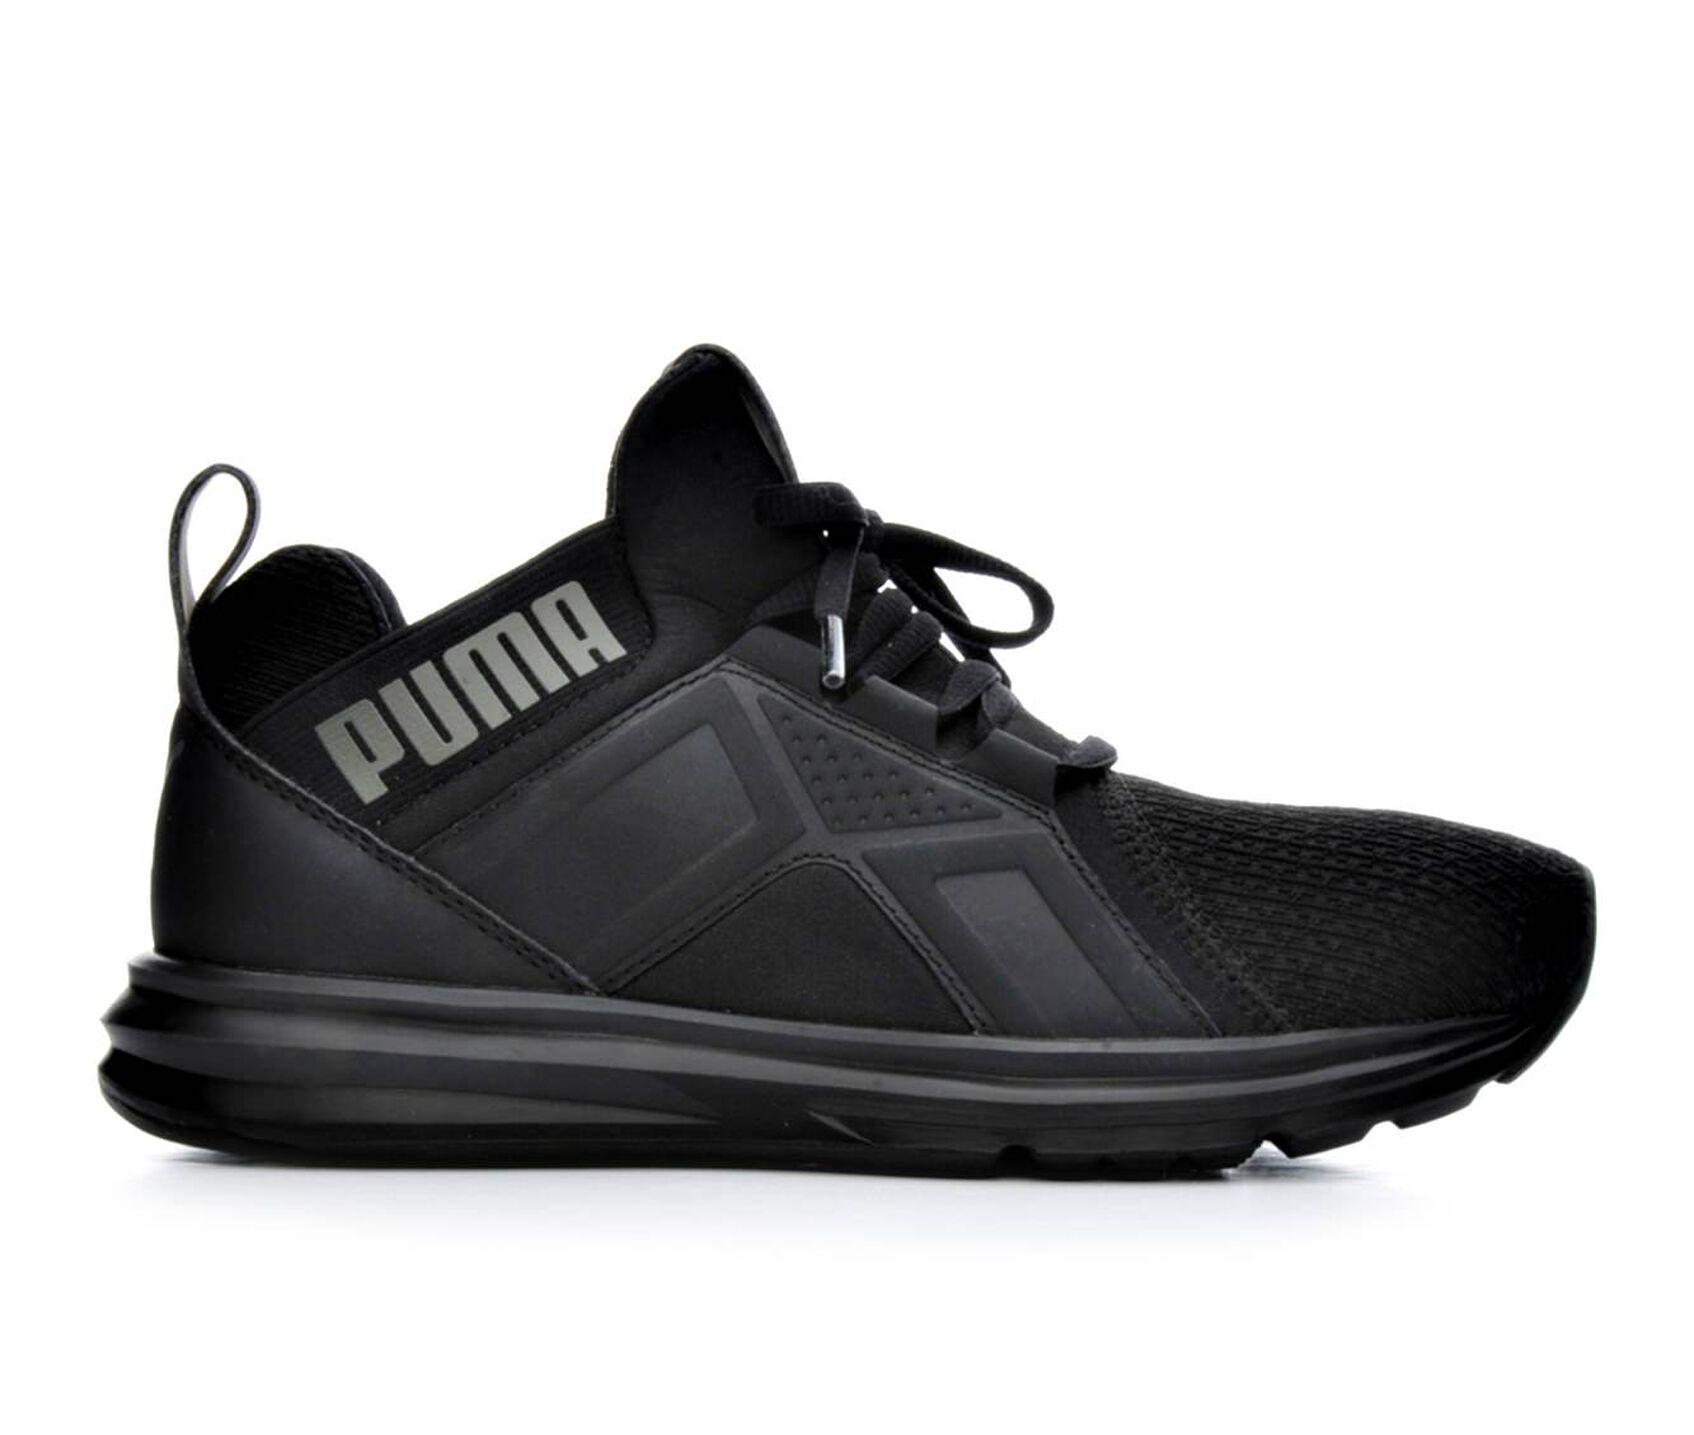 d4d4cc0bda8e Boys  Puma Big Kid Enzo Jr High Top Slip-On Sneakers